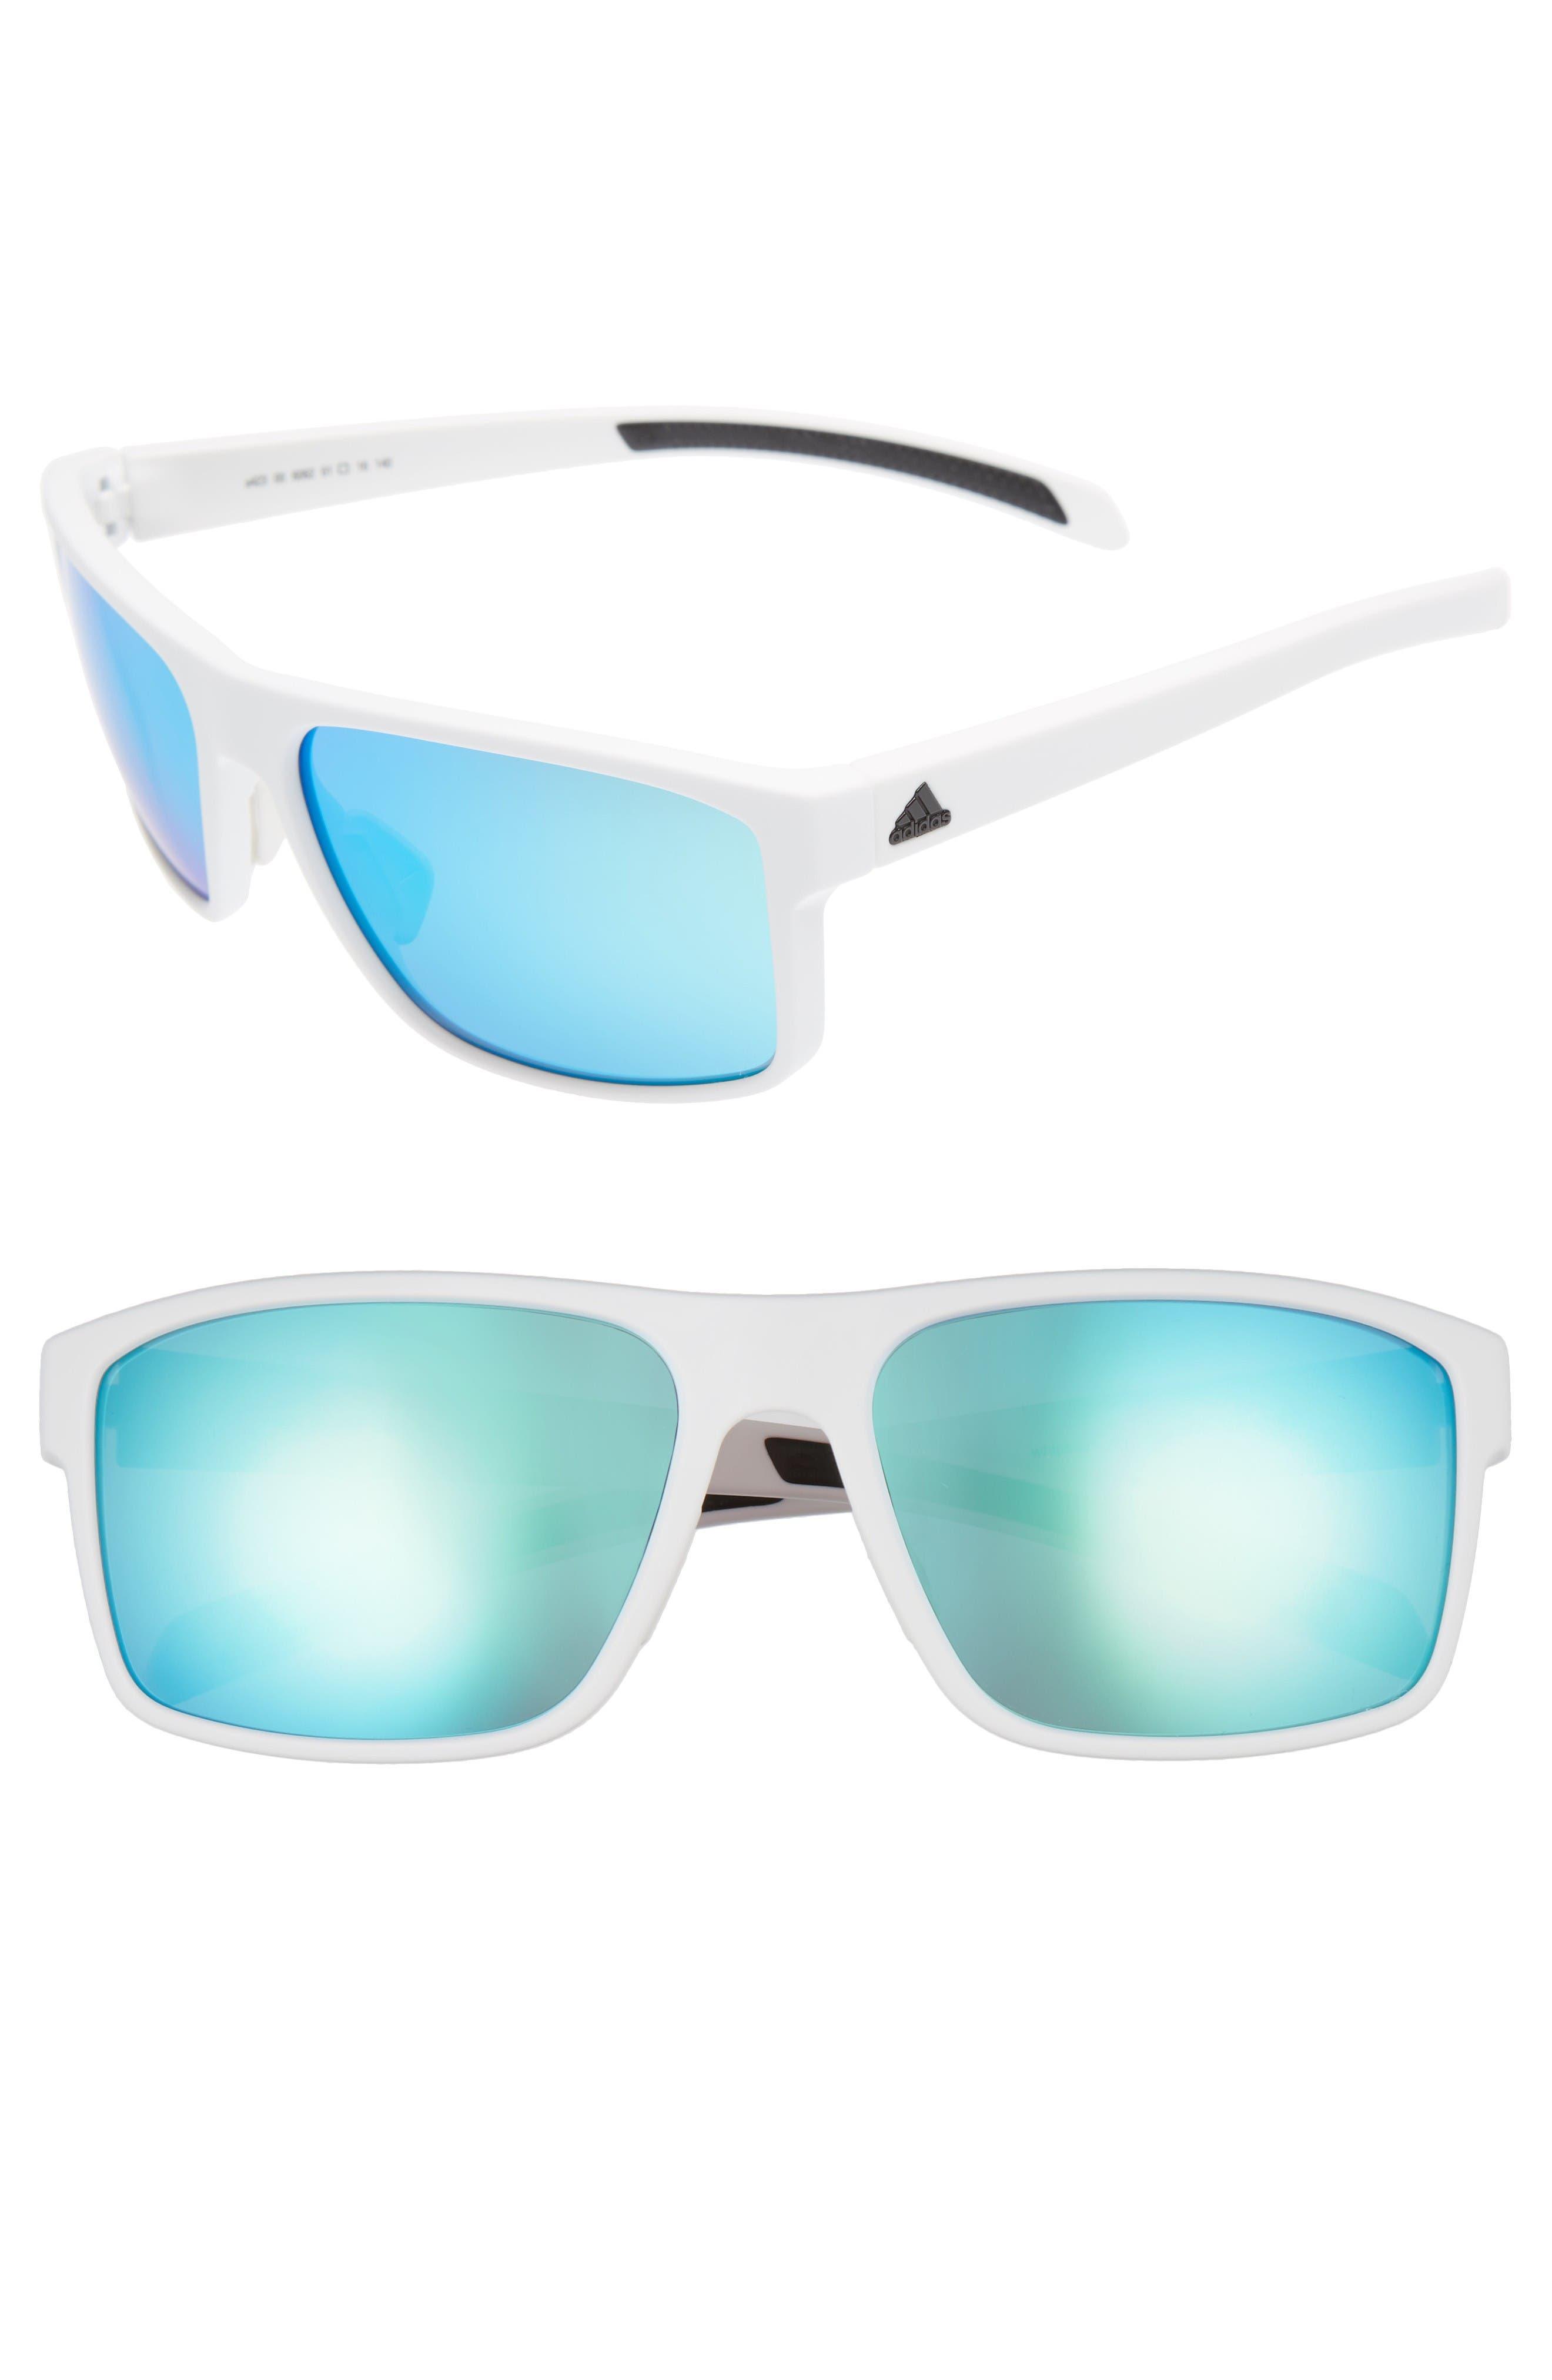 Whipstart 61mm Sunglasses,                         Main,                         color, White/ Blue Mirror